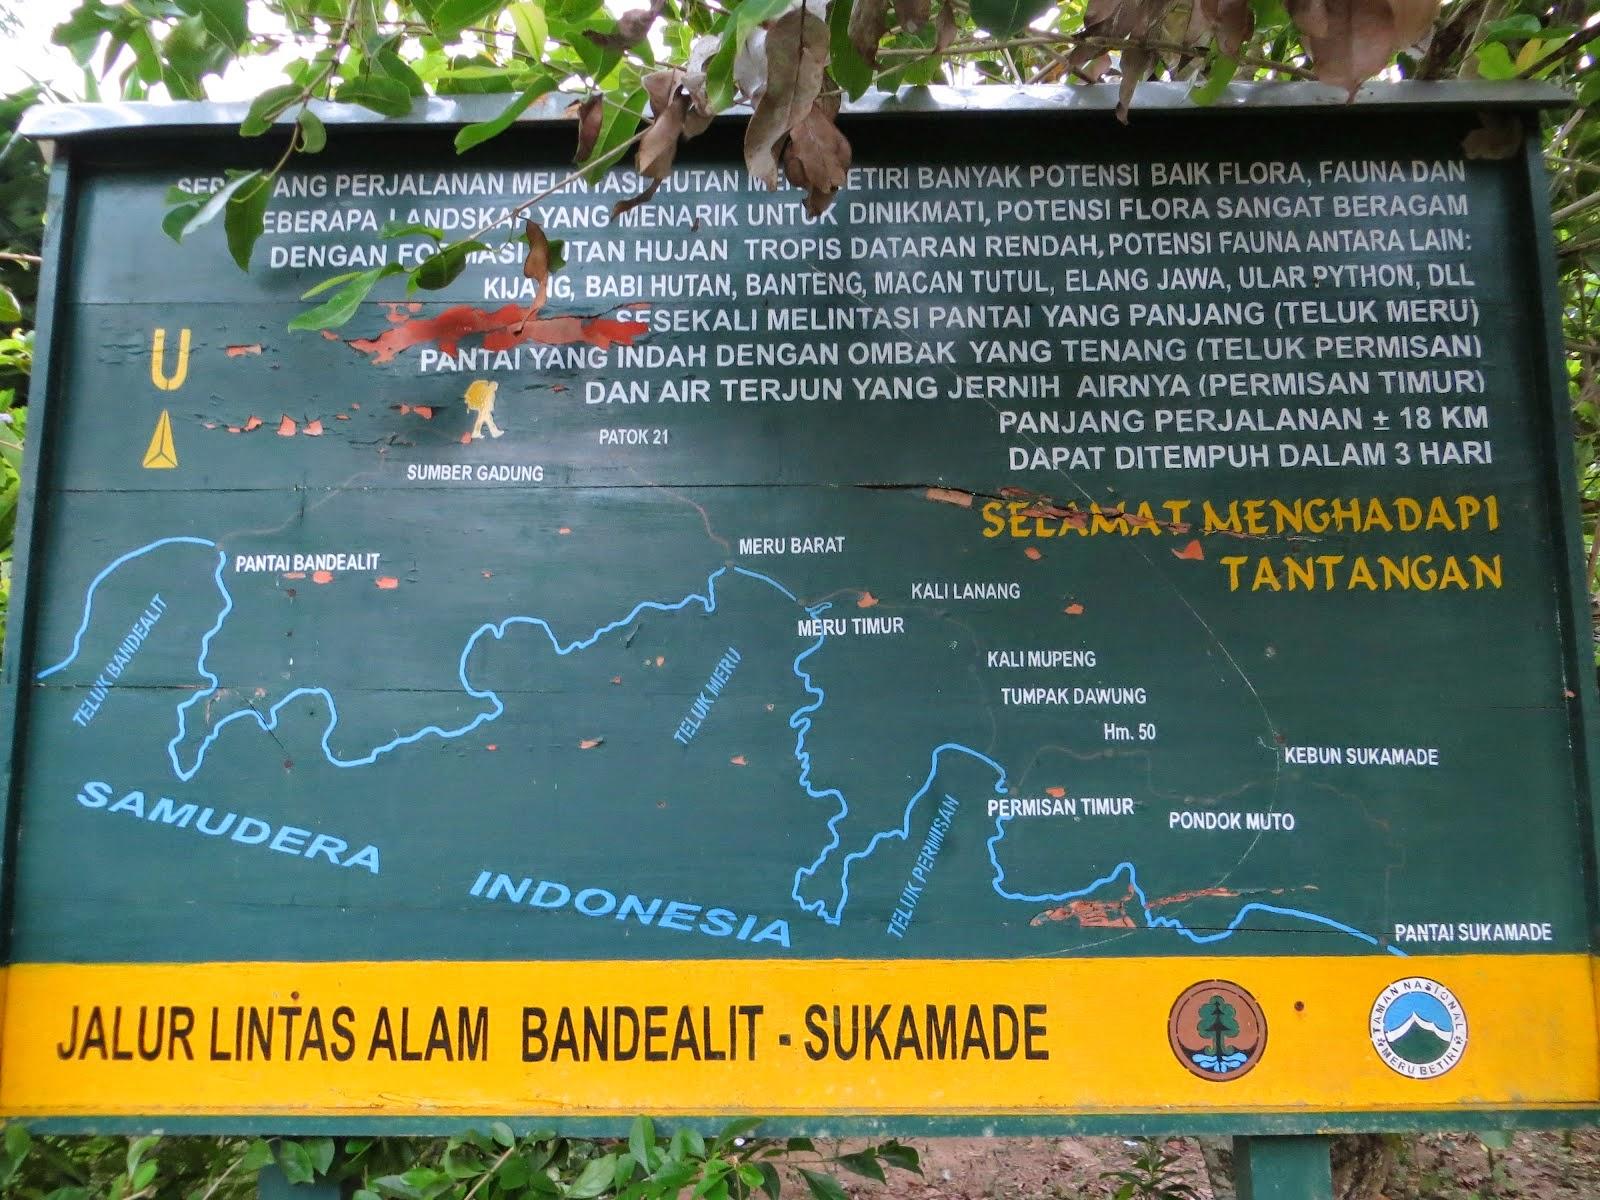 Taman Nasional Meru Betiri Surganya Flora Dan Fauna Langka